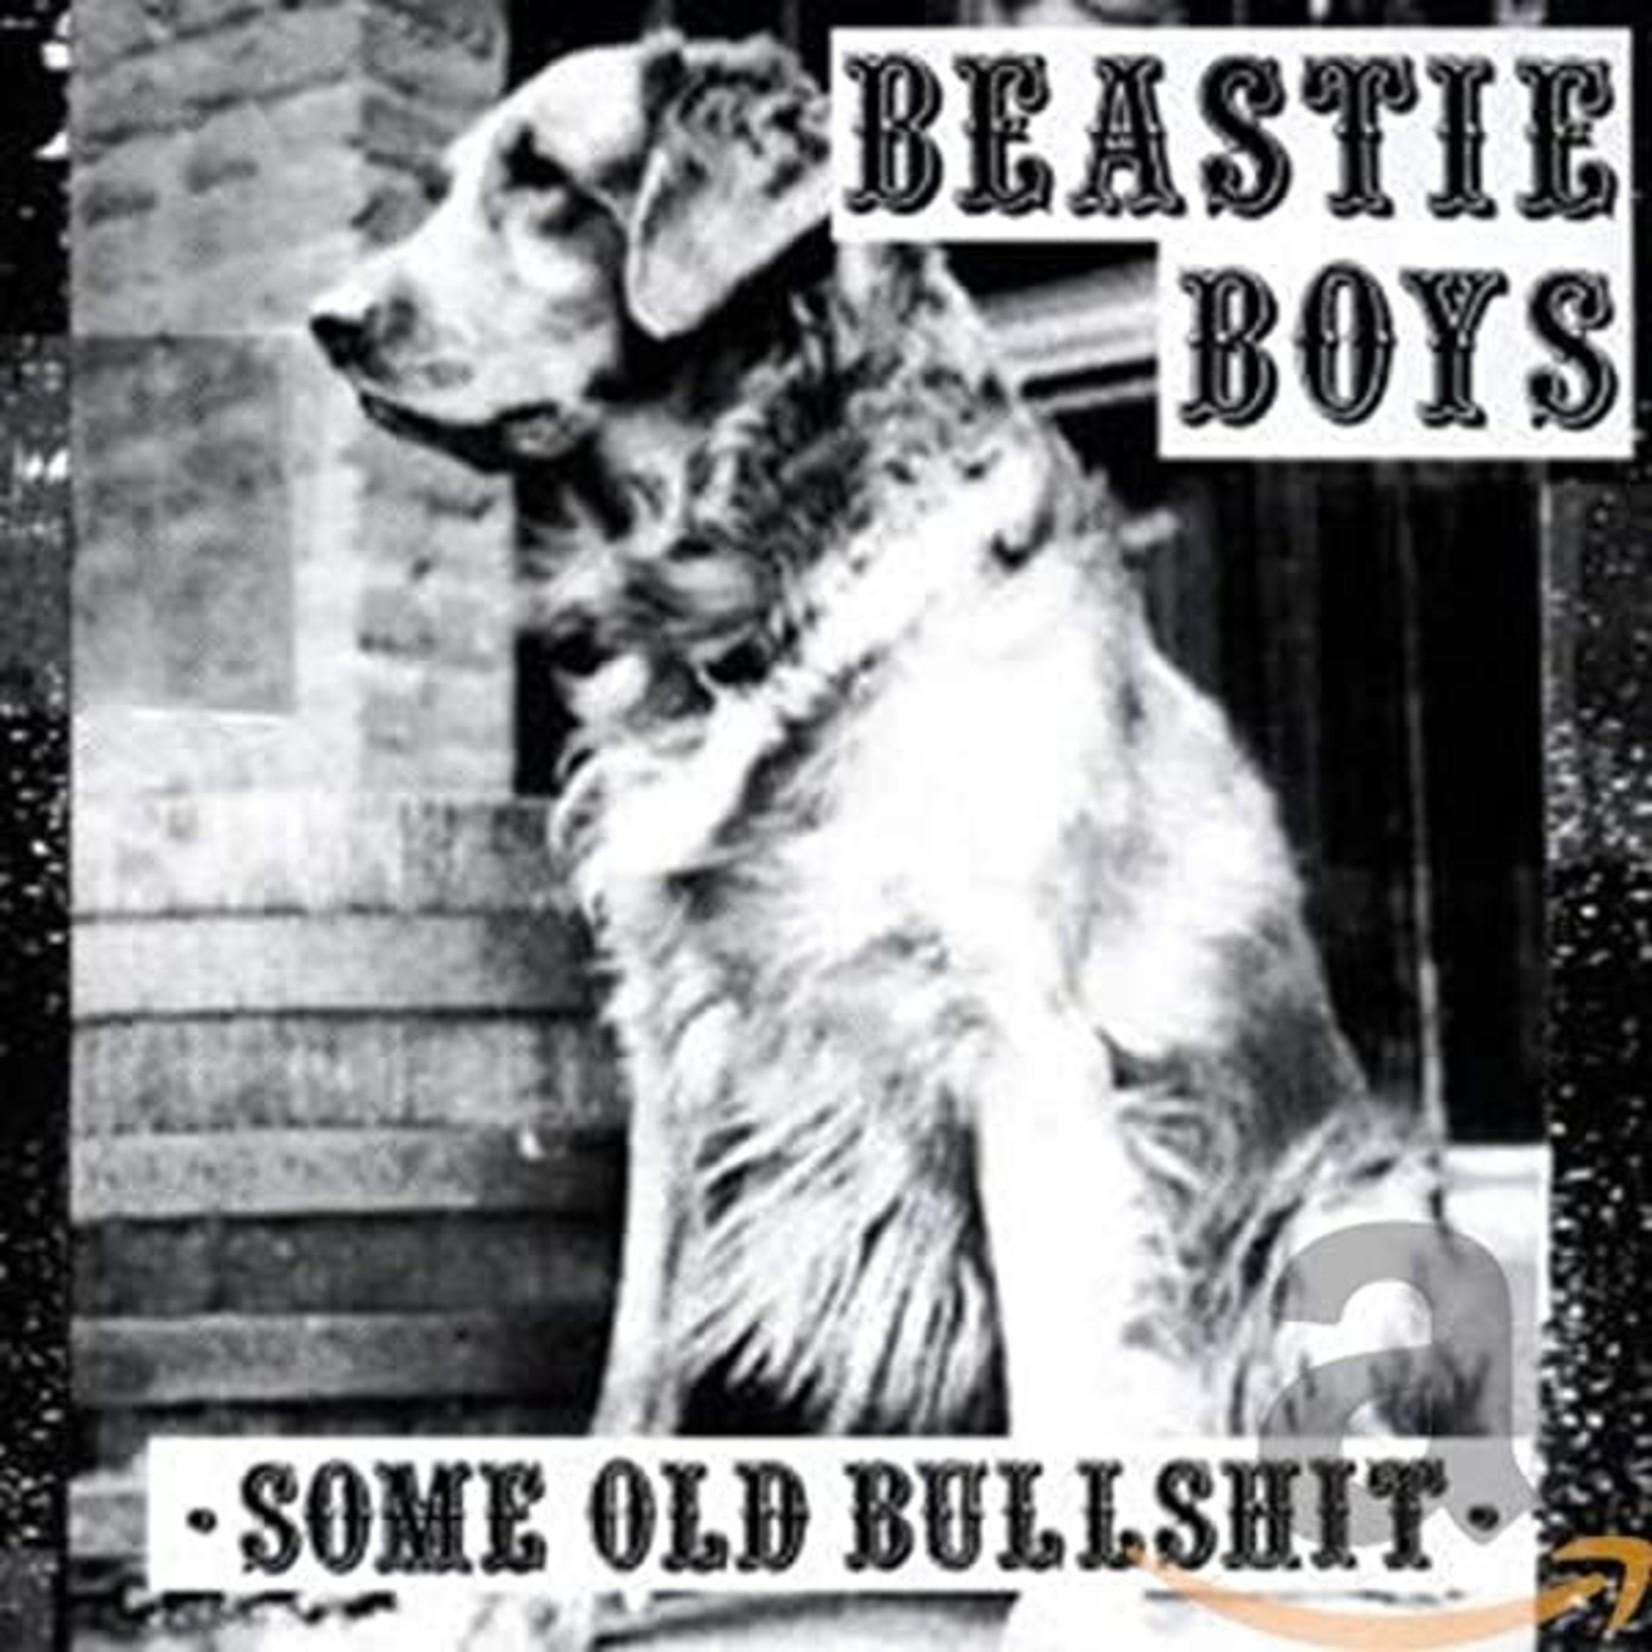 Vinyl Beastie Boys - Some Old Bullsh@#$  RSD 2020  $$